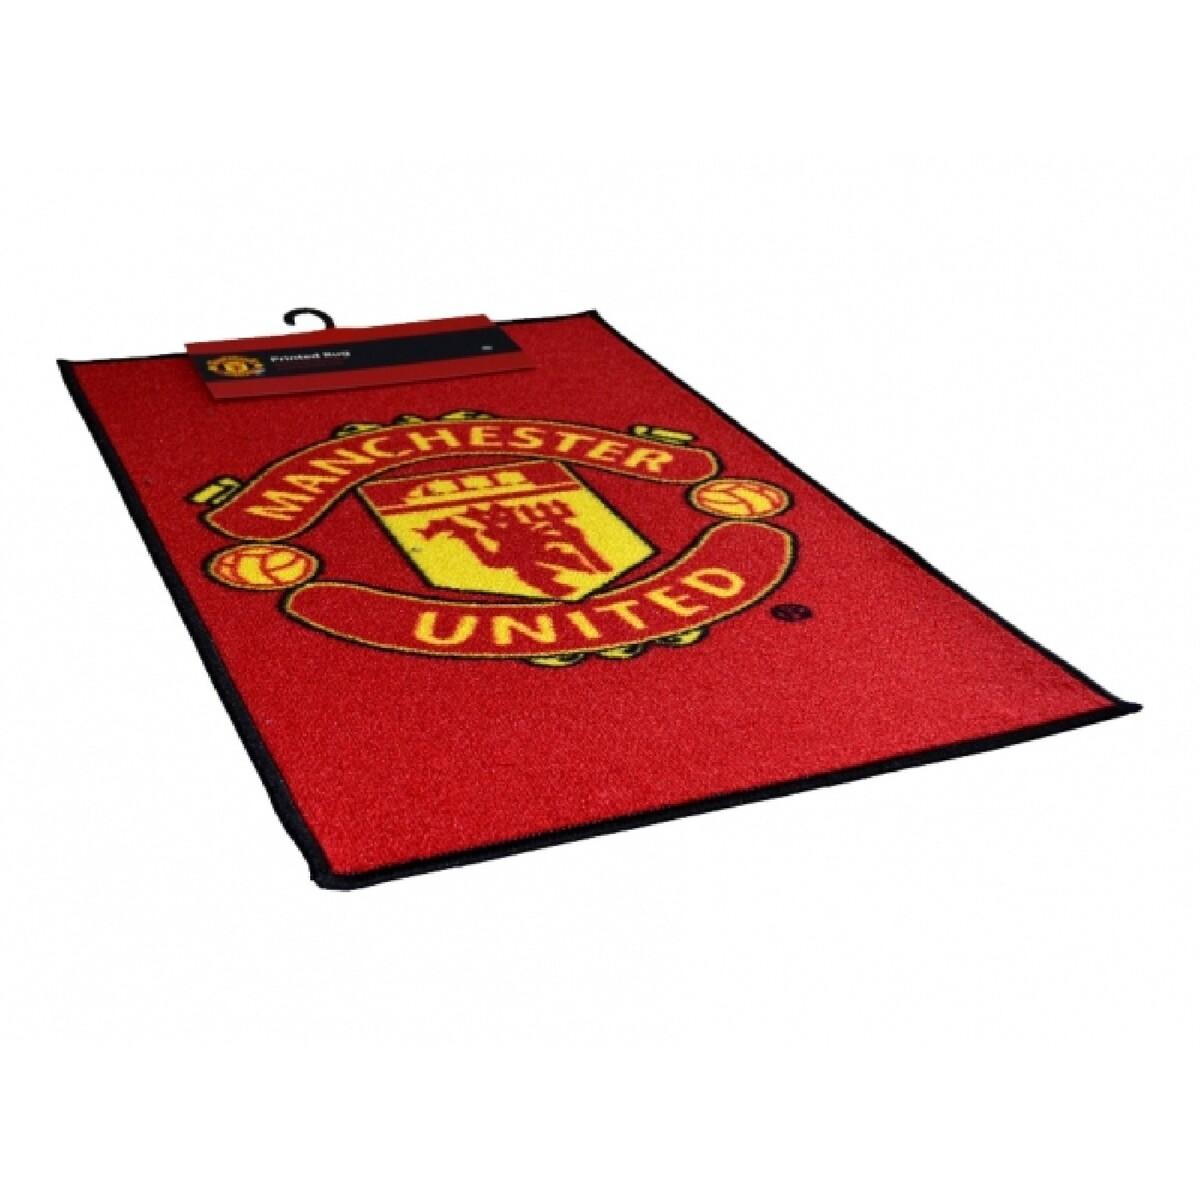 カーペット・マット・畳, カーペット・ラグ  Manchester United FC